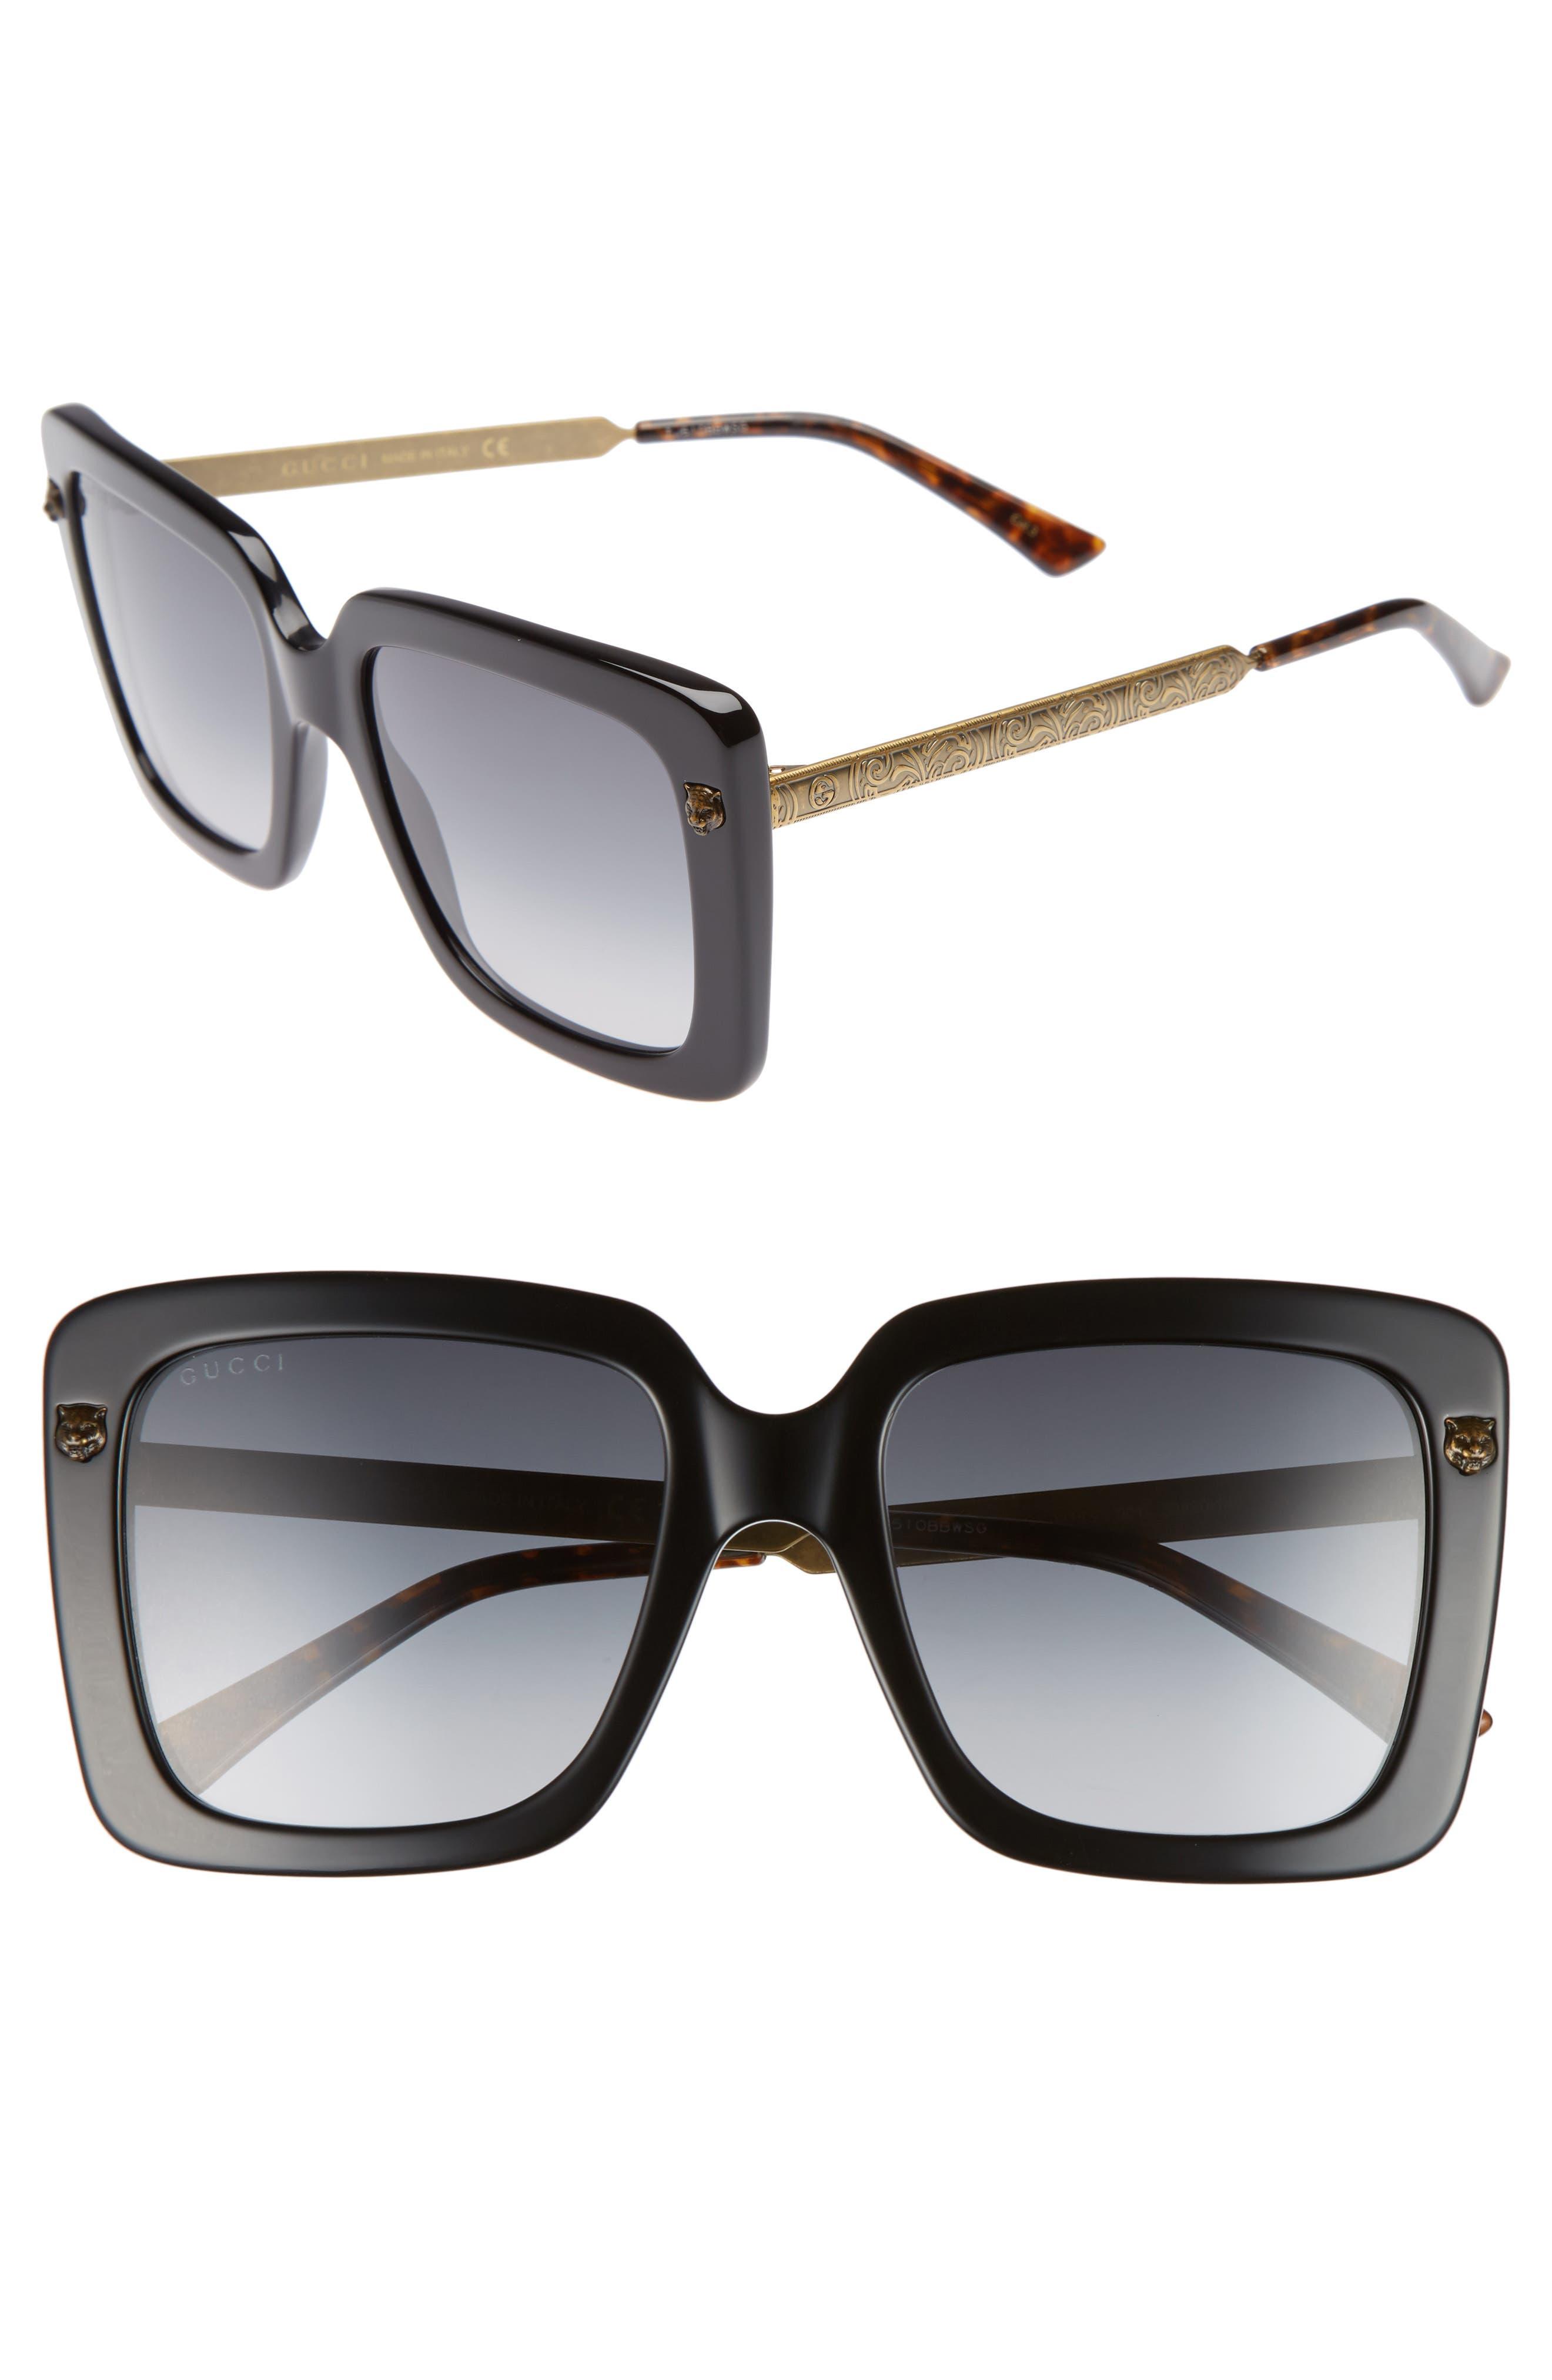 53mm Square Sunglasses,                             Main thumbnail 1, color,                             BLACK